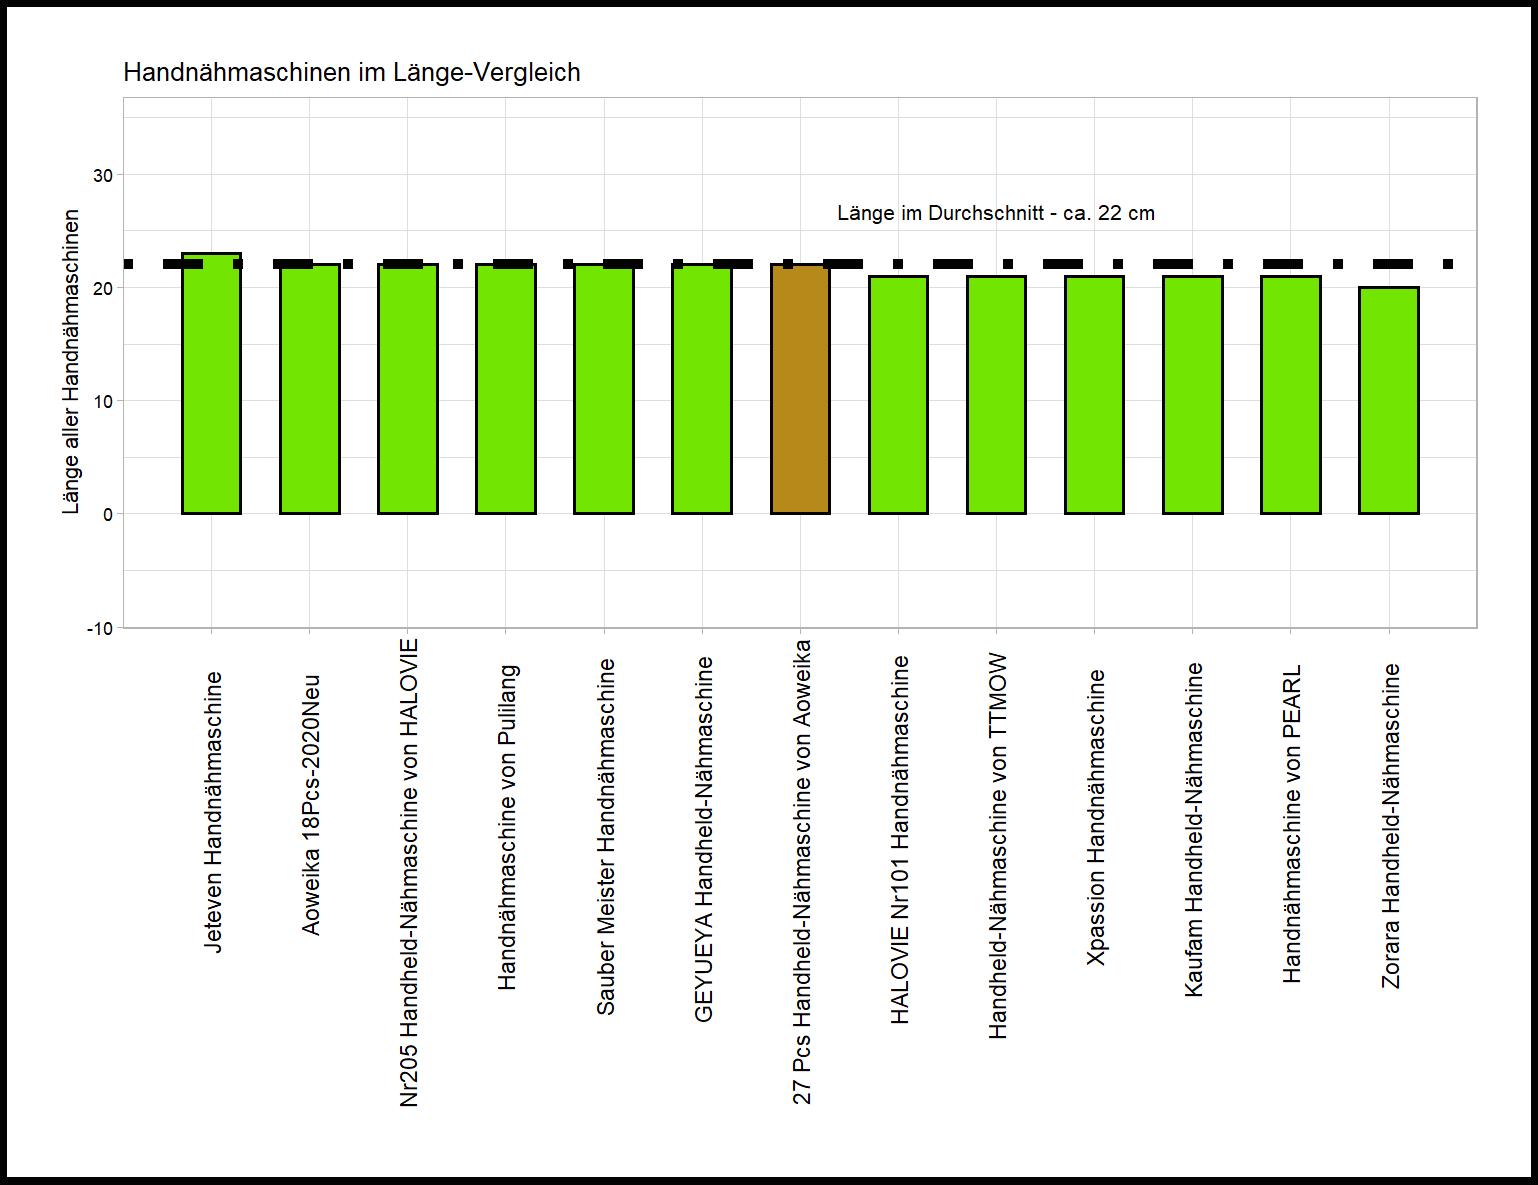 Länge-Vergleich von der Aoweika Handnähmaschine 27 Pcs